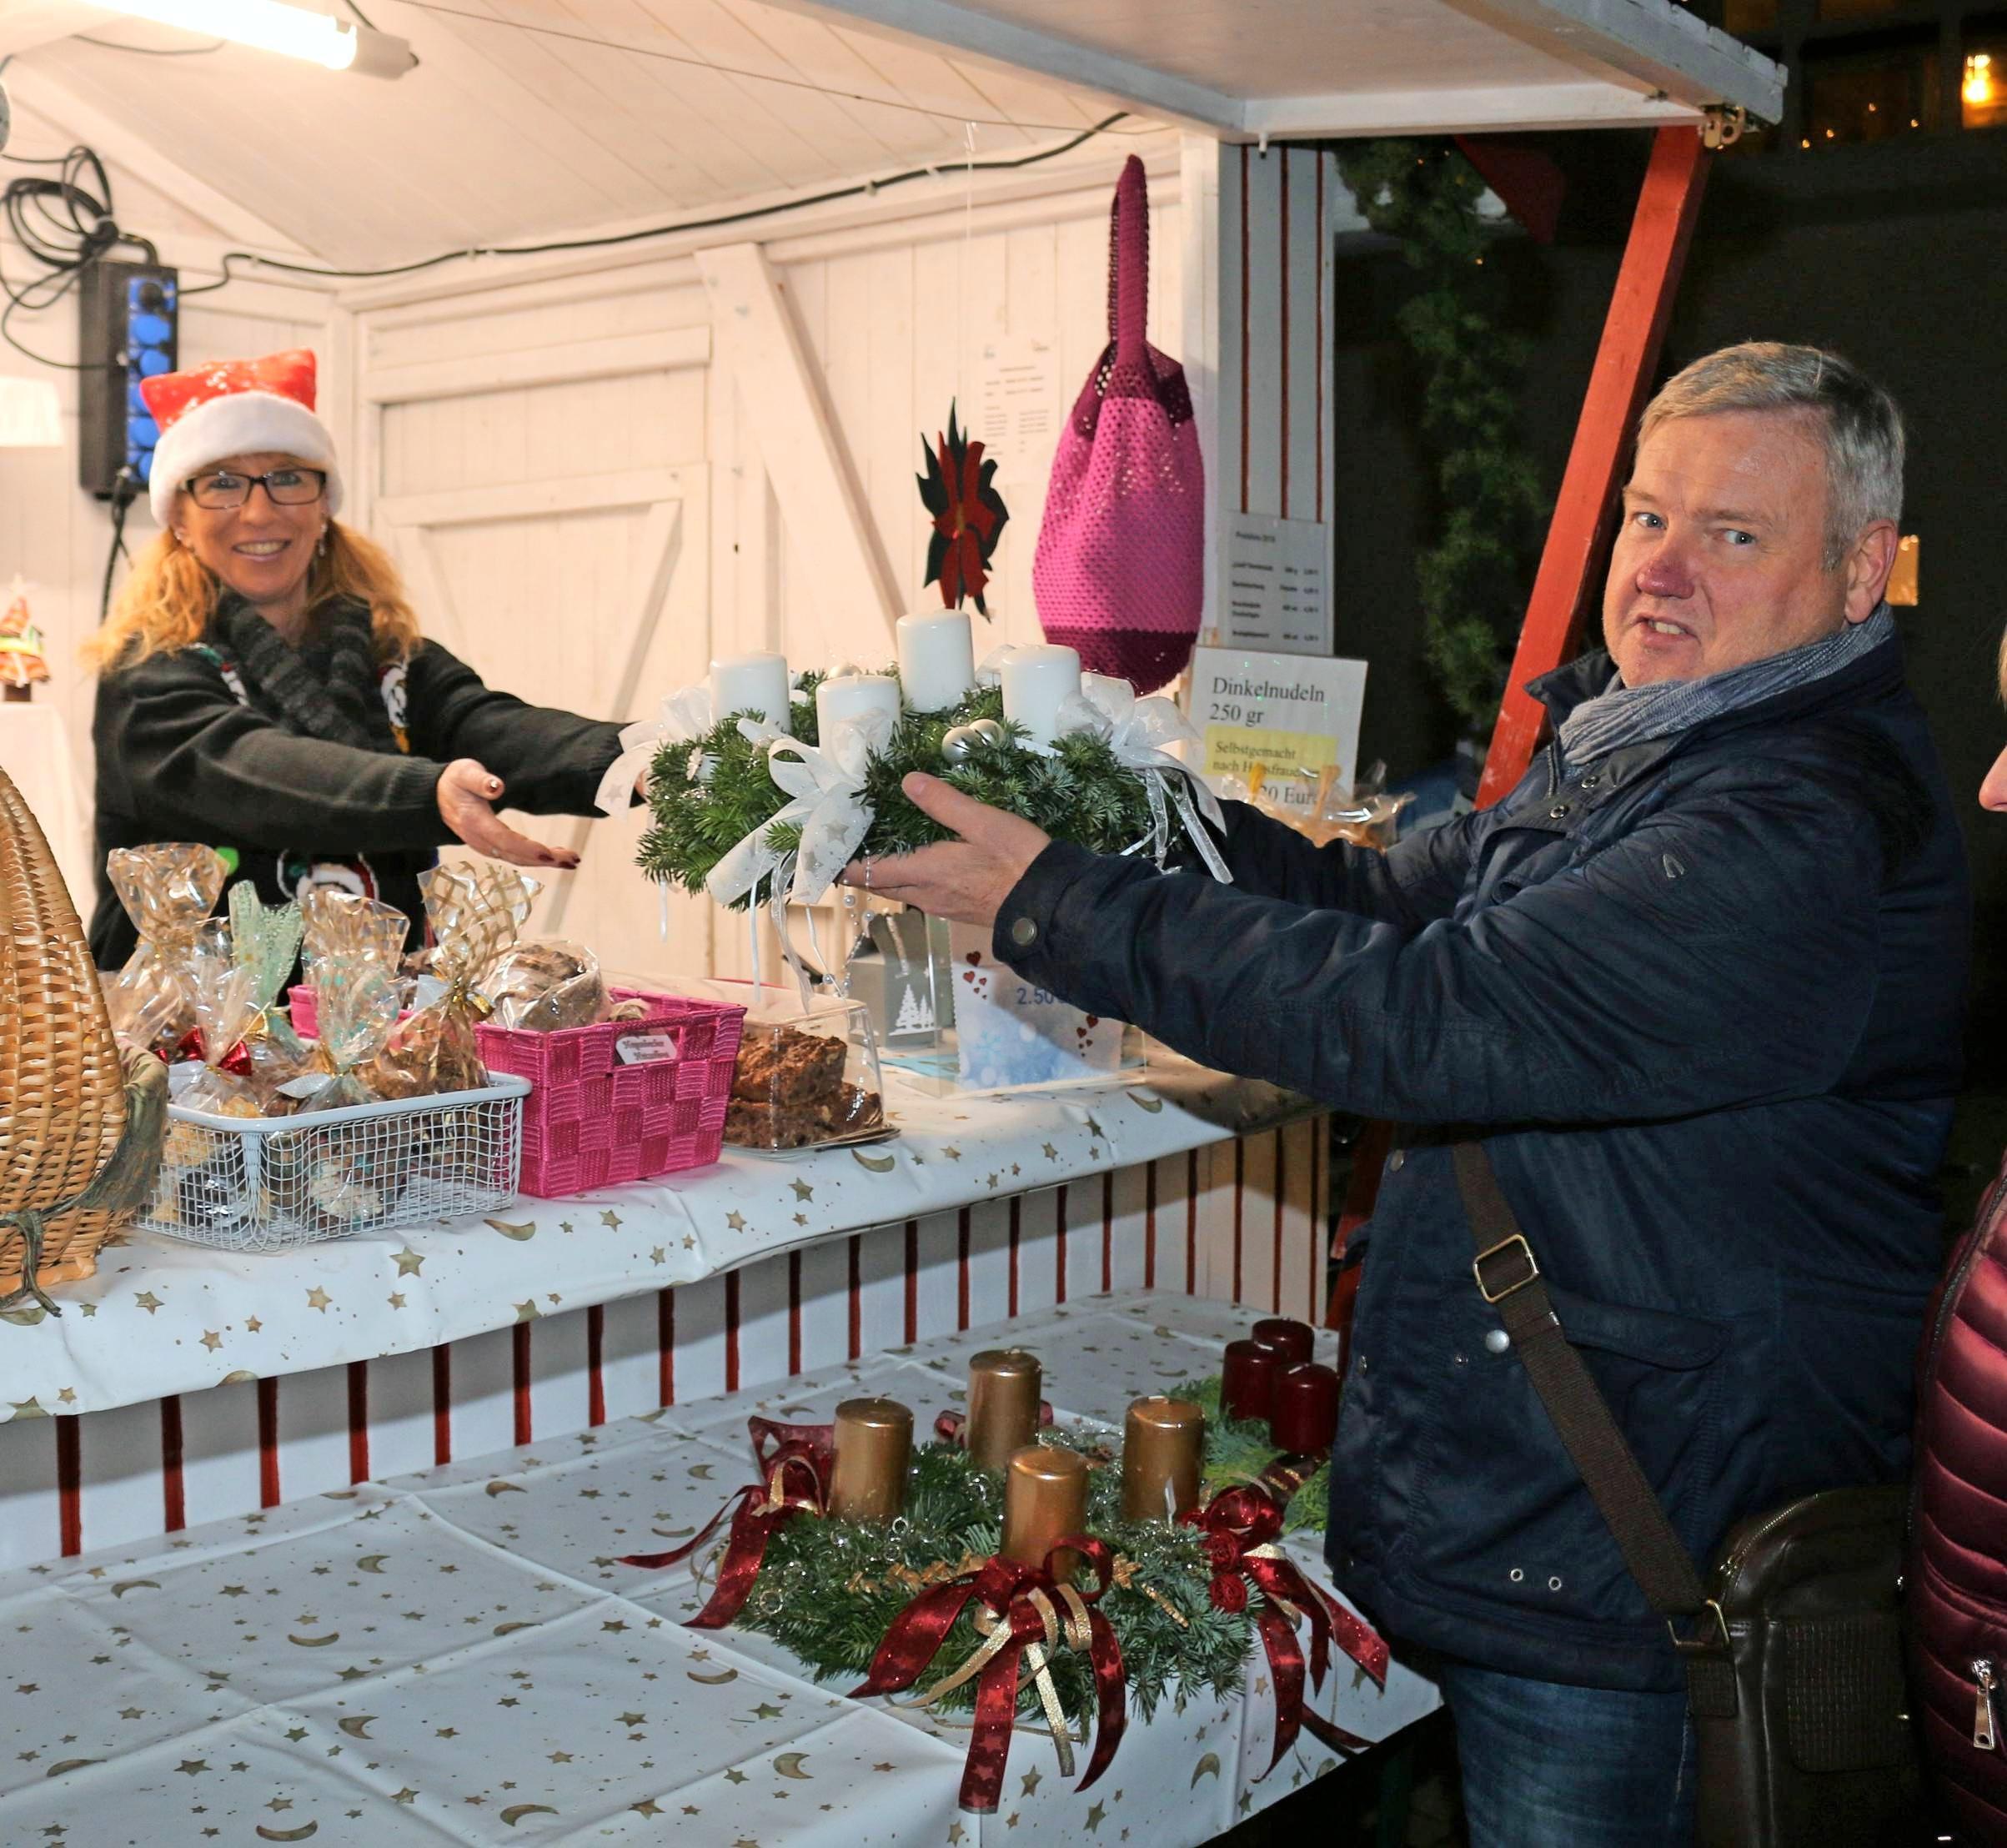 Wie in Kochendorf gab es vielerorts Gelegenheit, sich mit häufig selbstgemachten Kleinigkeiten fürs Fest zu versorgen.